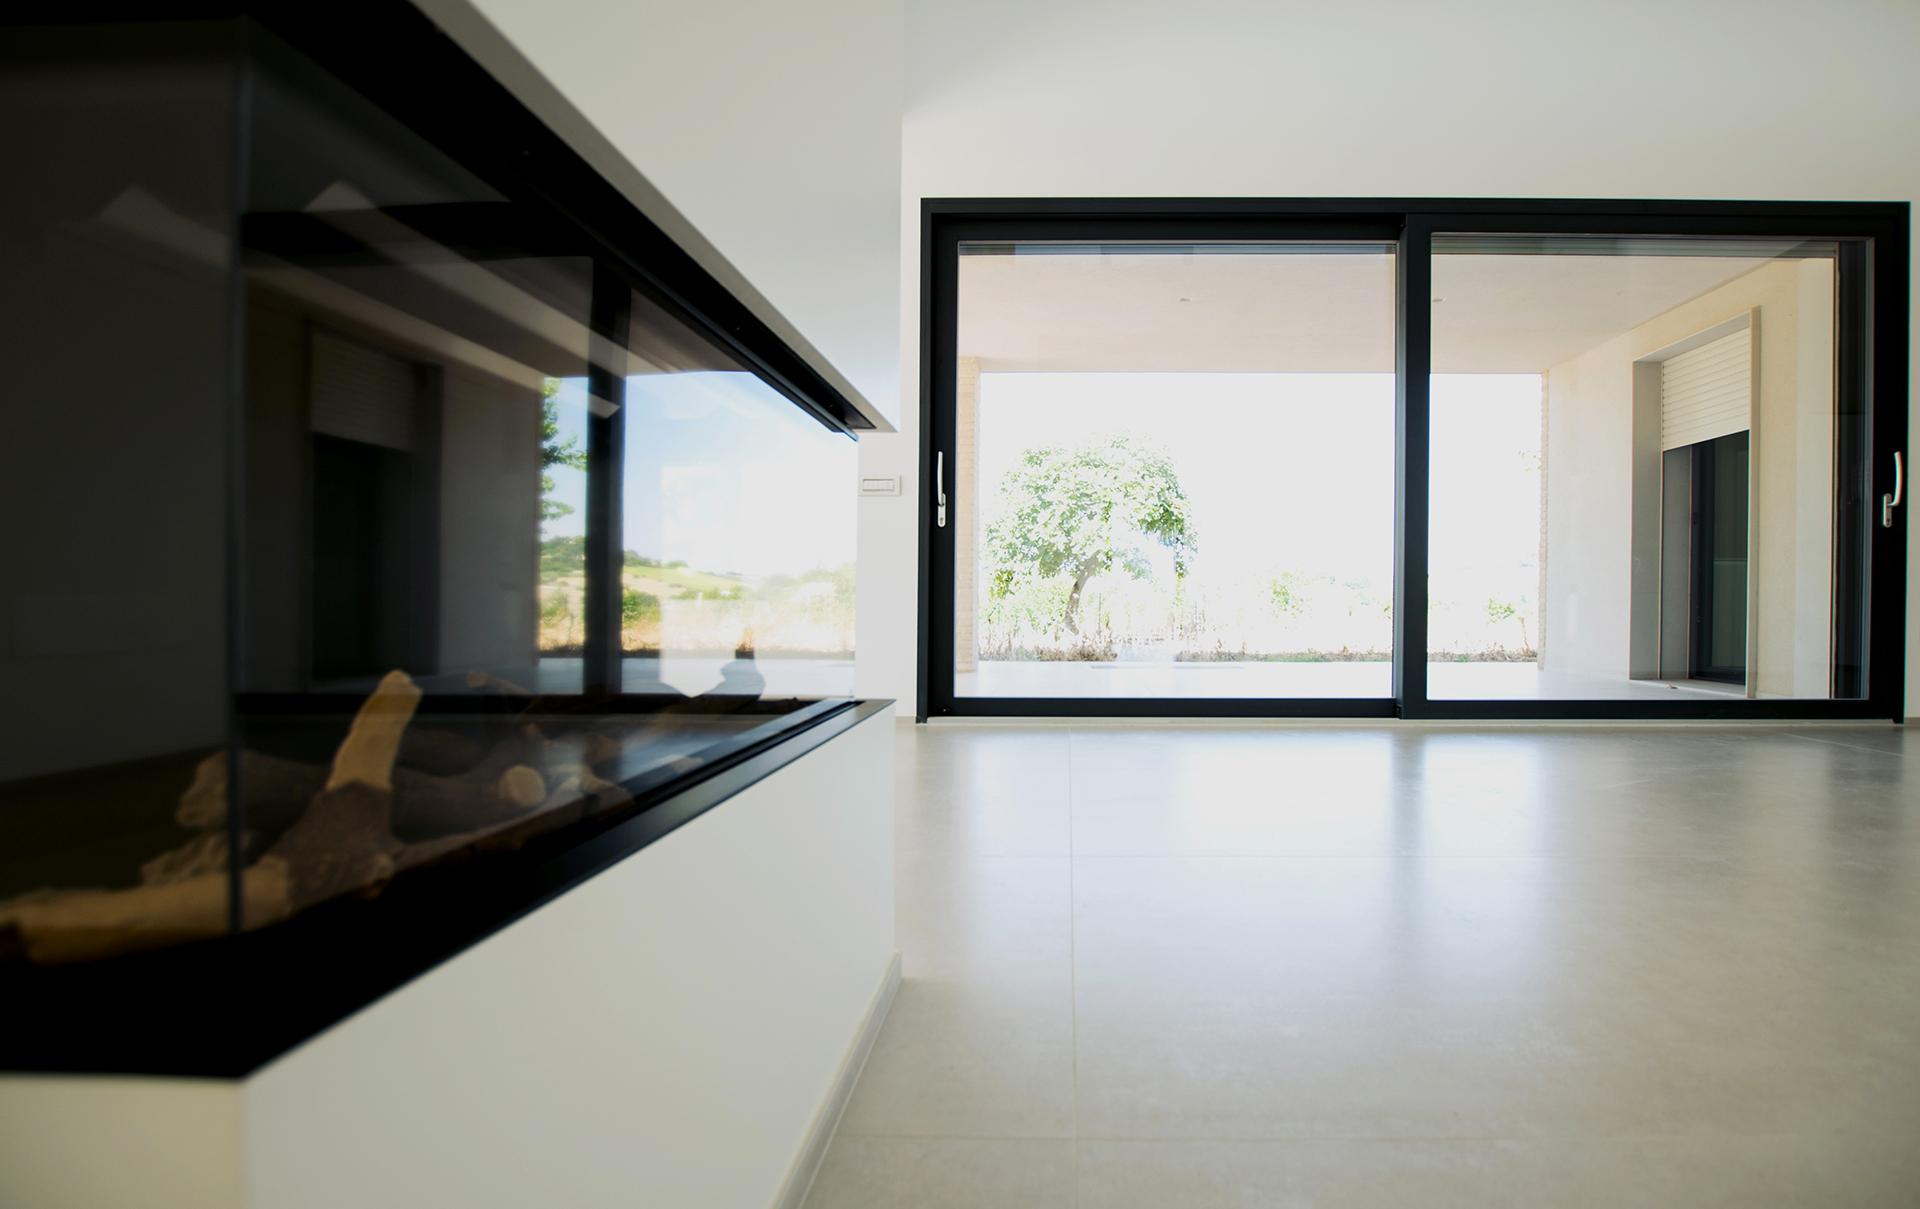 casa AI GR. il grande salone al piano terra, dove al centro si trova il camino, simbolo di focolare domestico.